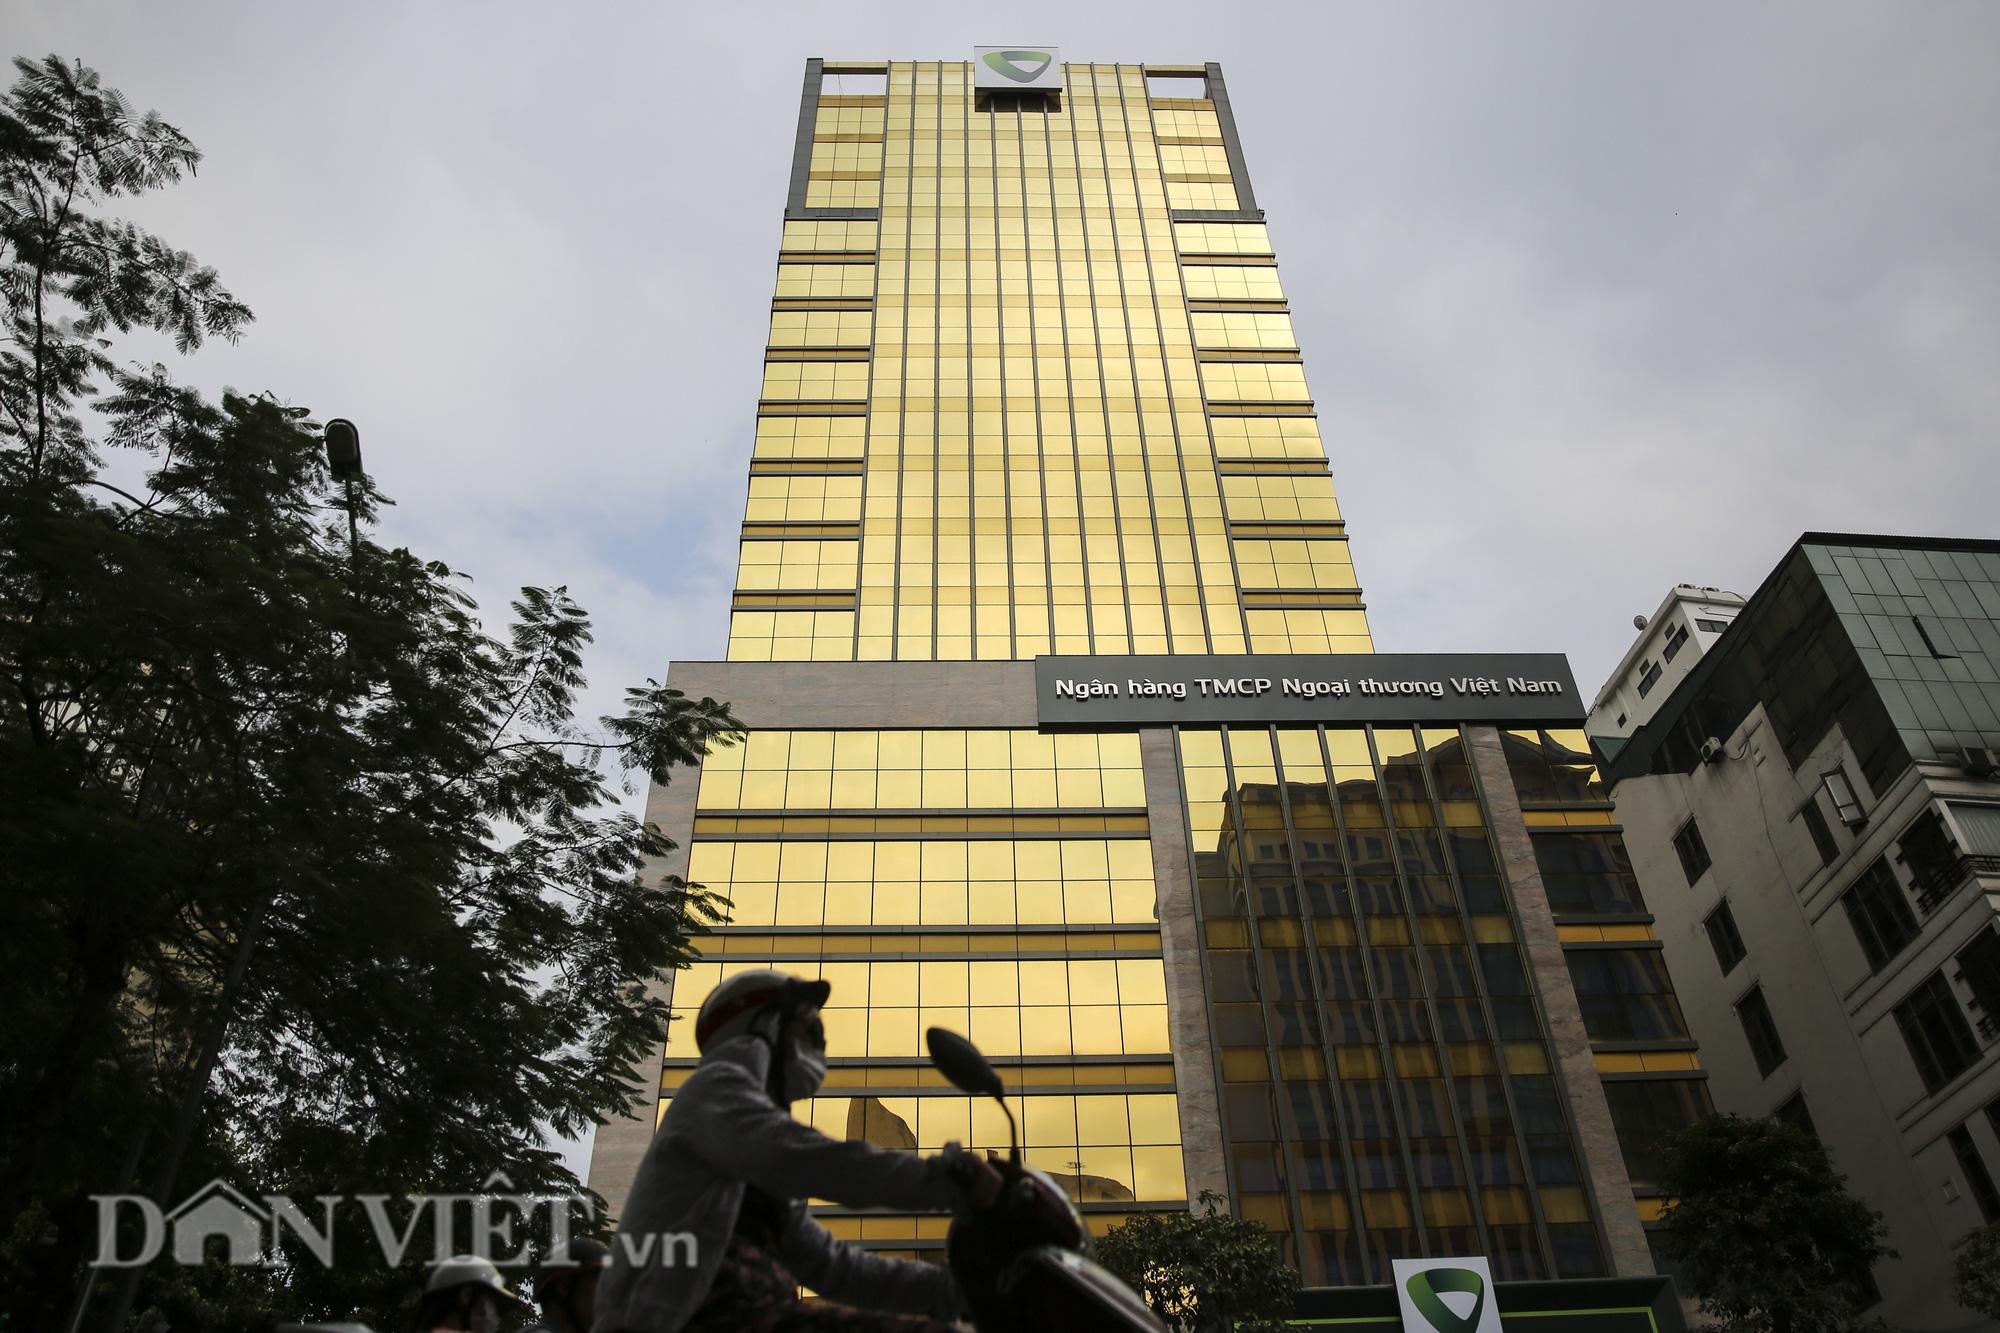 """Hà Nội: Tòa nhà """"dát vàng"""" phản quang gây chói mắt người đi đường - Ảnh 4."""